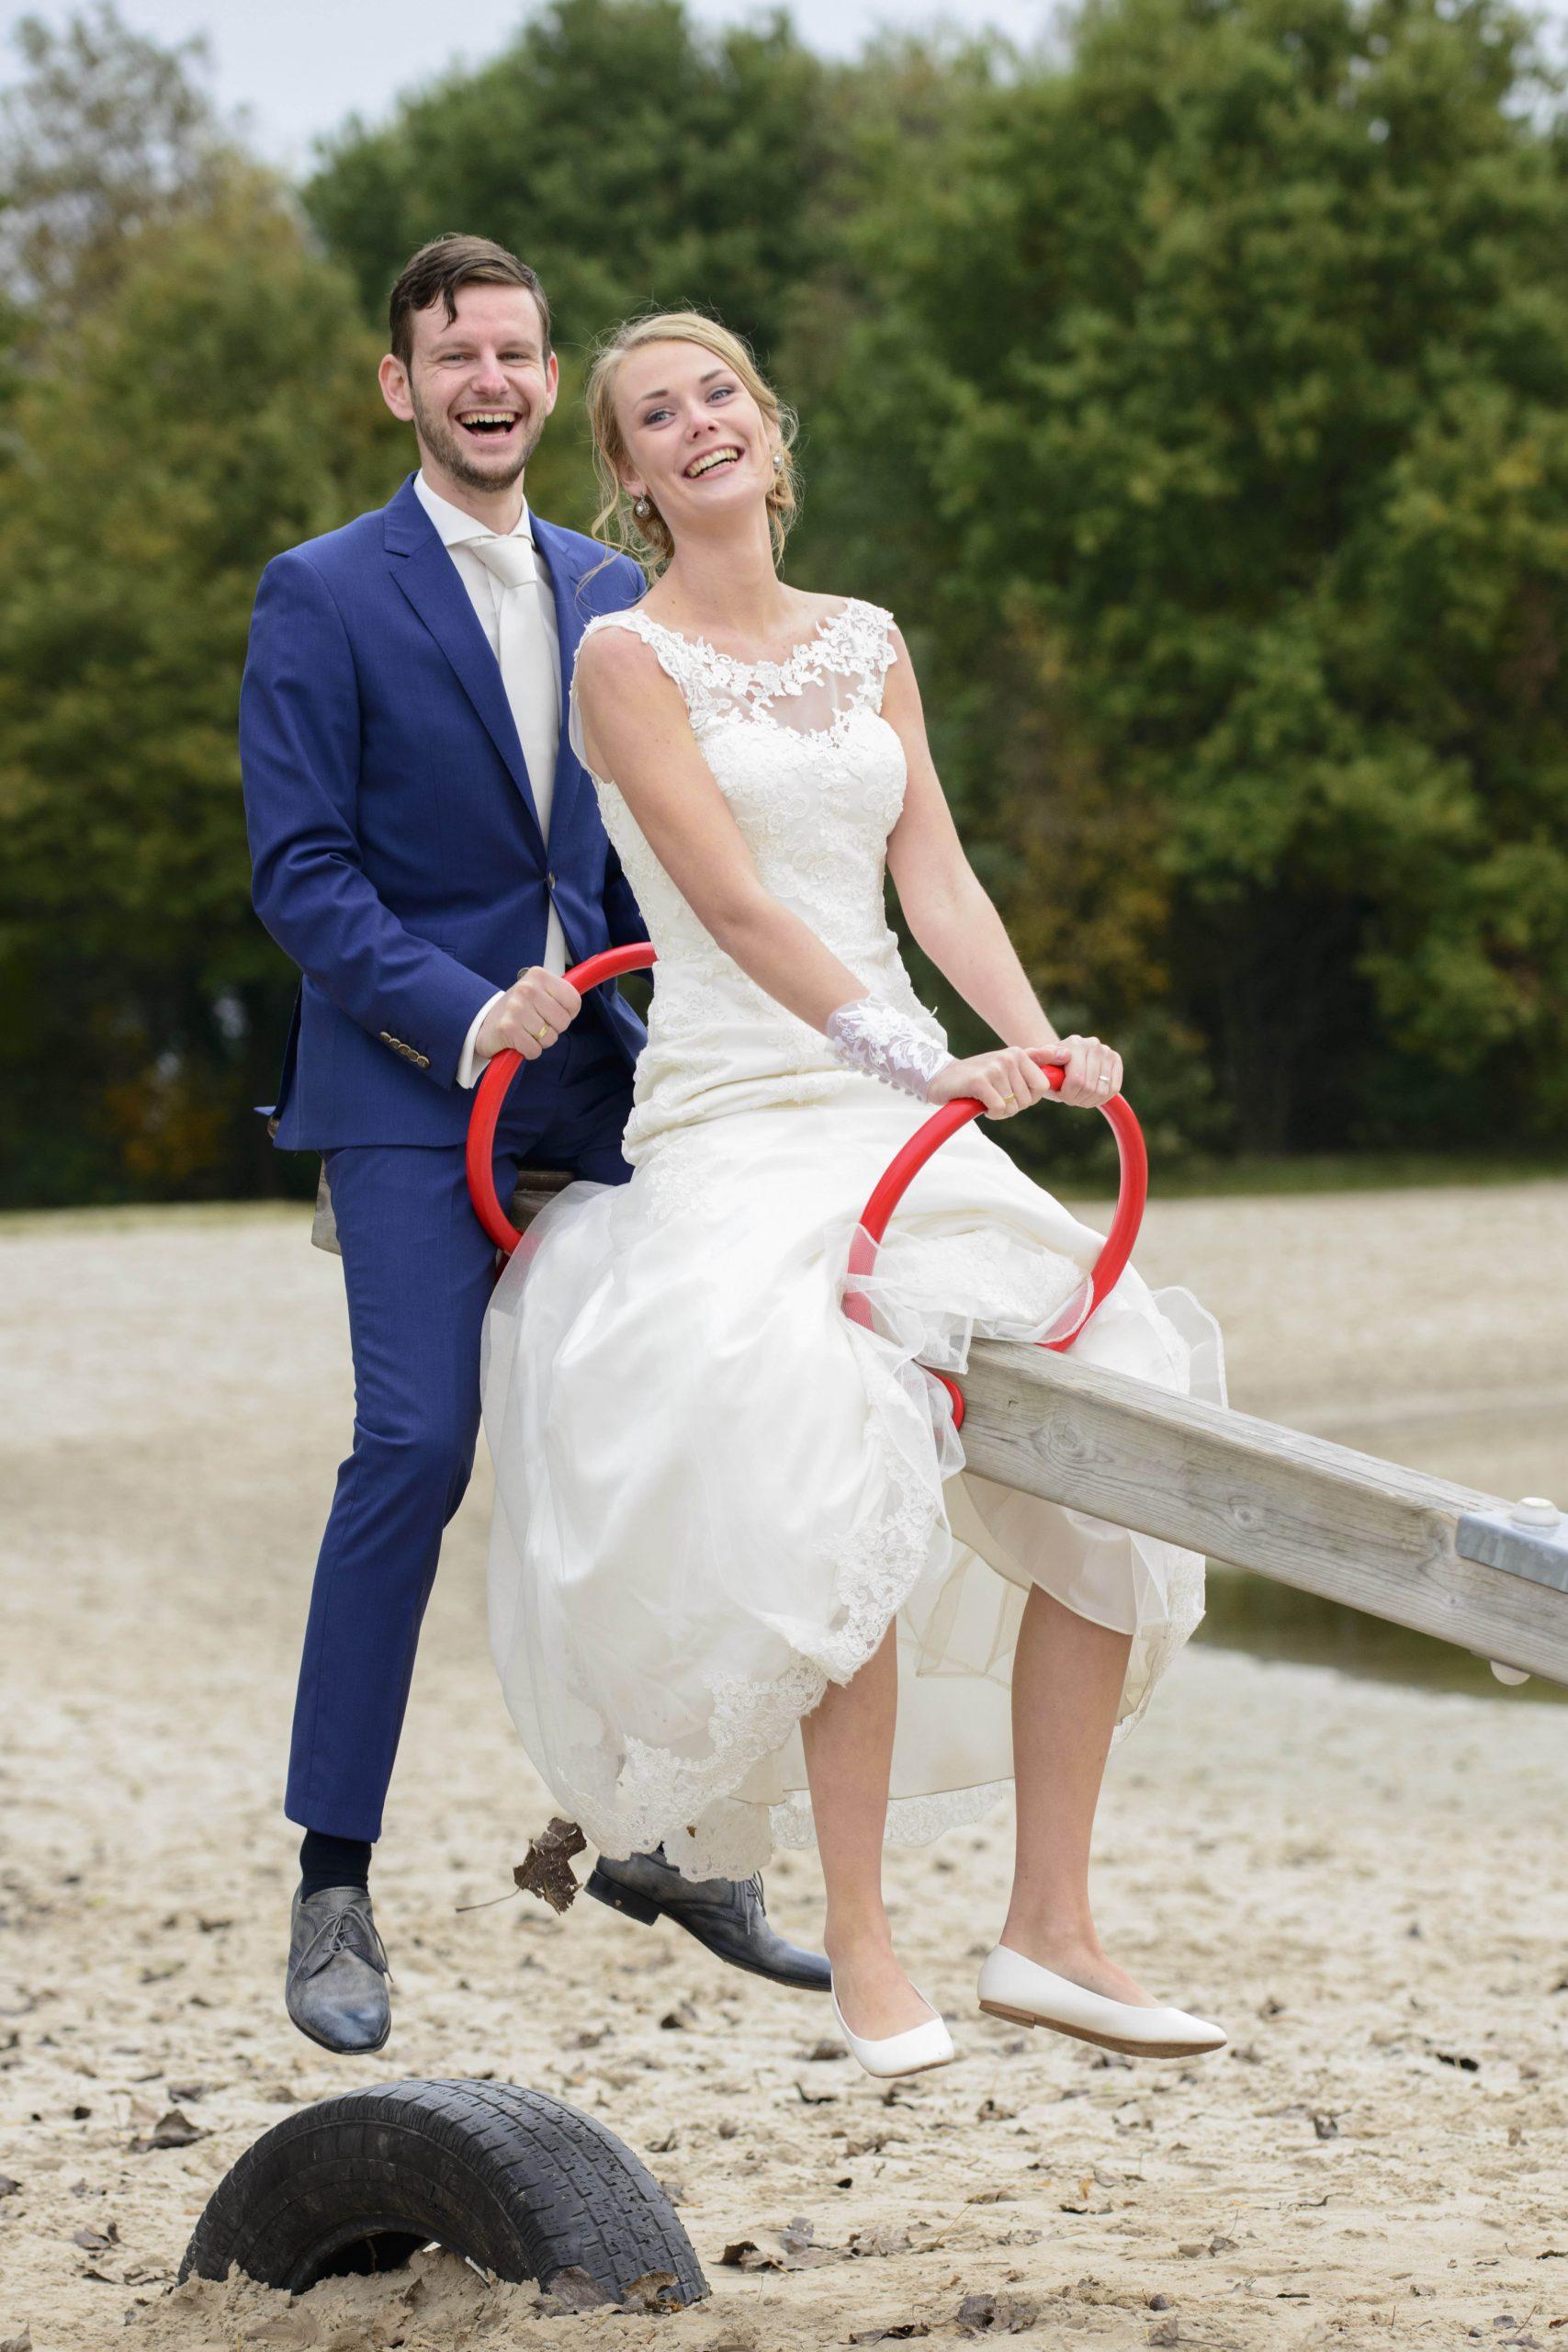 Loveshoot na trouwreportage